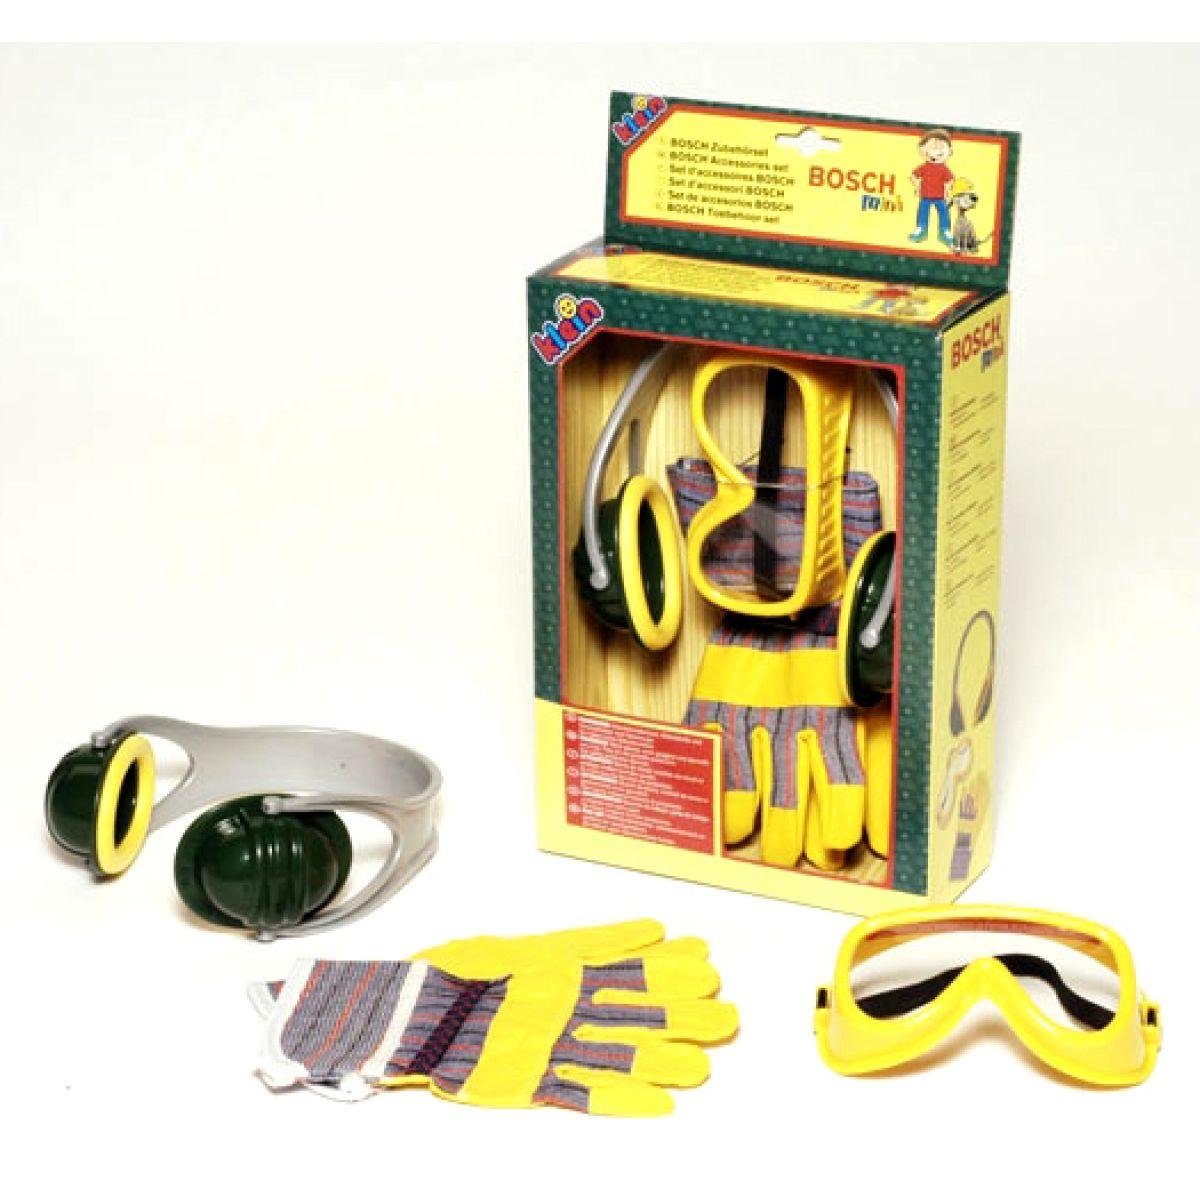 Bosch set rukavice,brýle,sluchátka